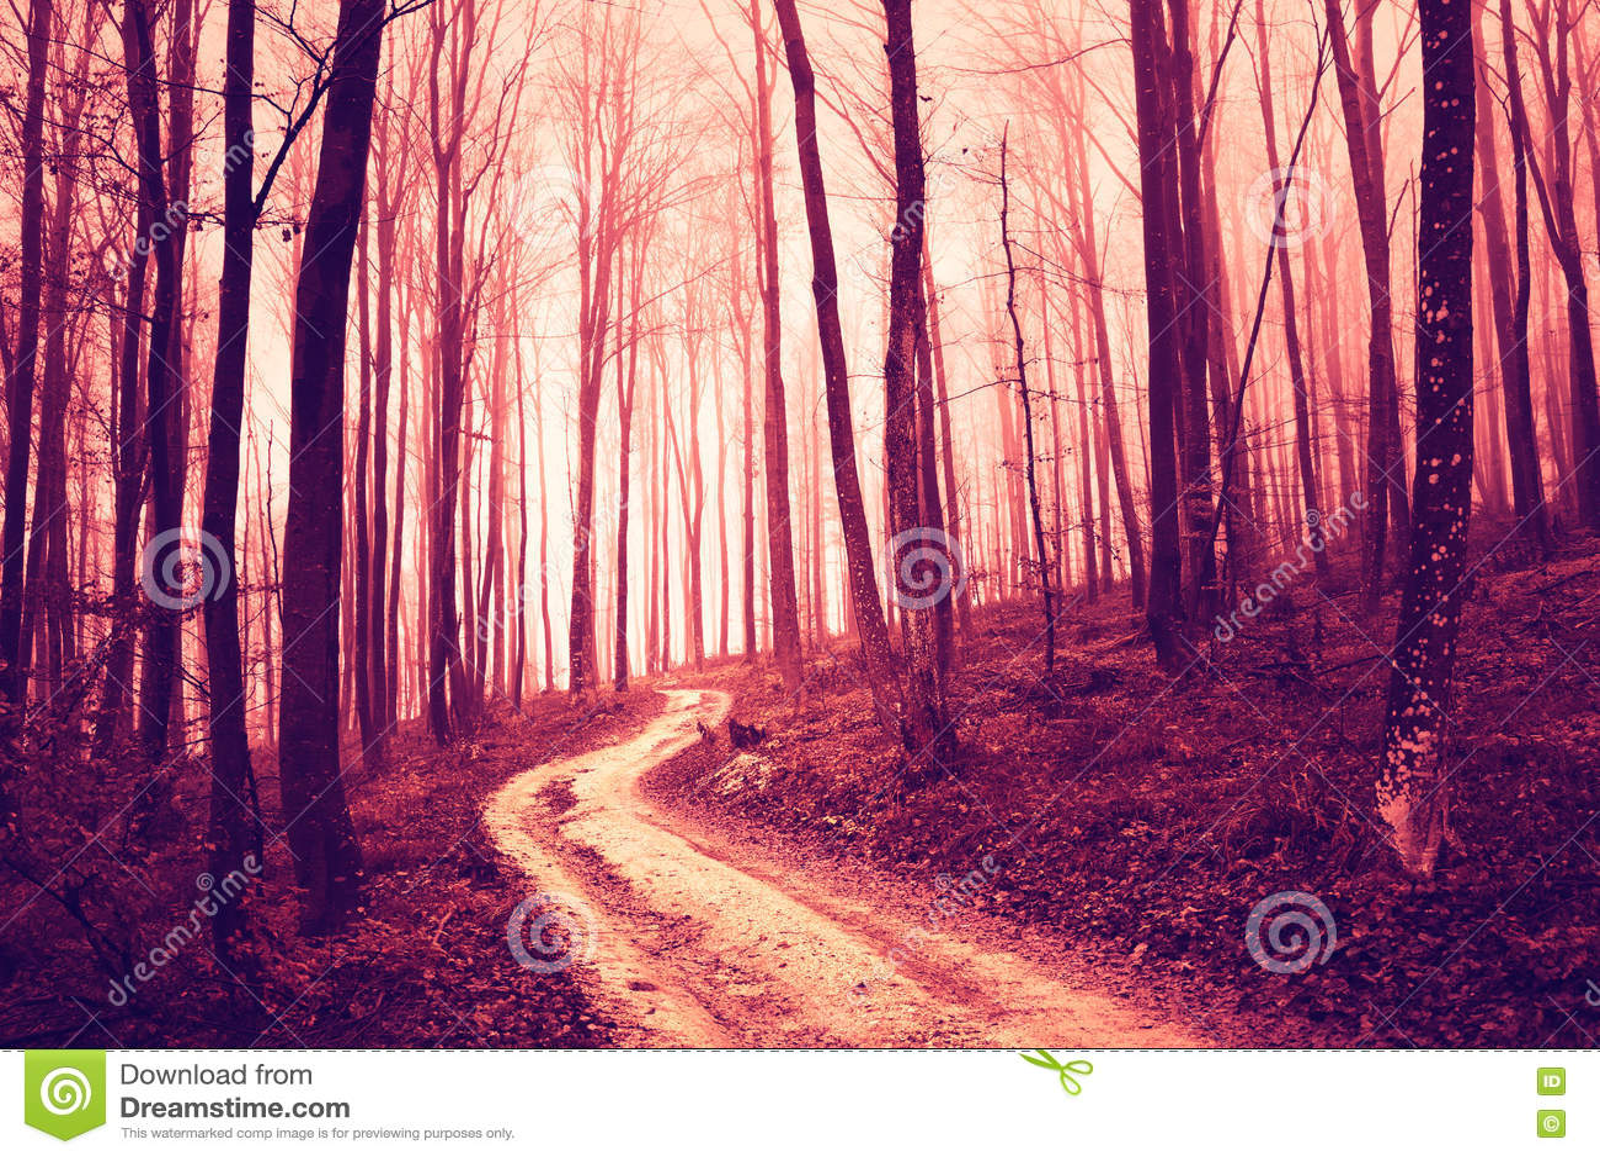 Forêt saturée par rouge rampant avec la route